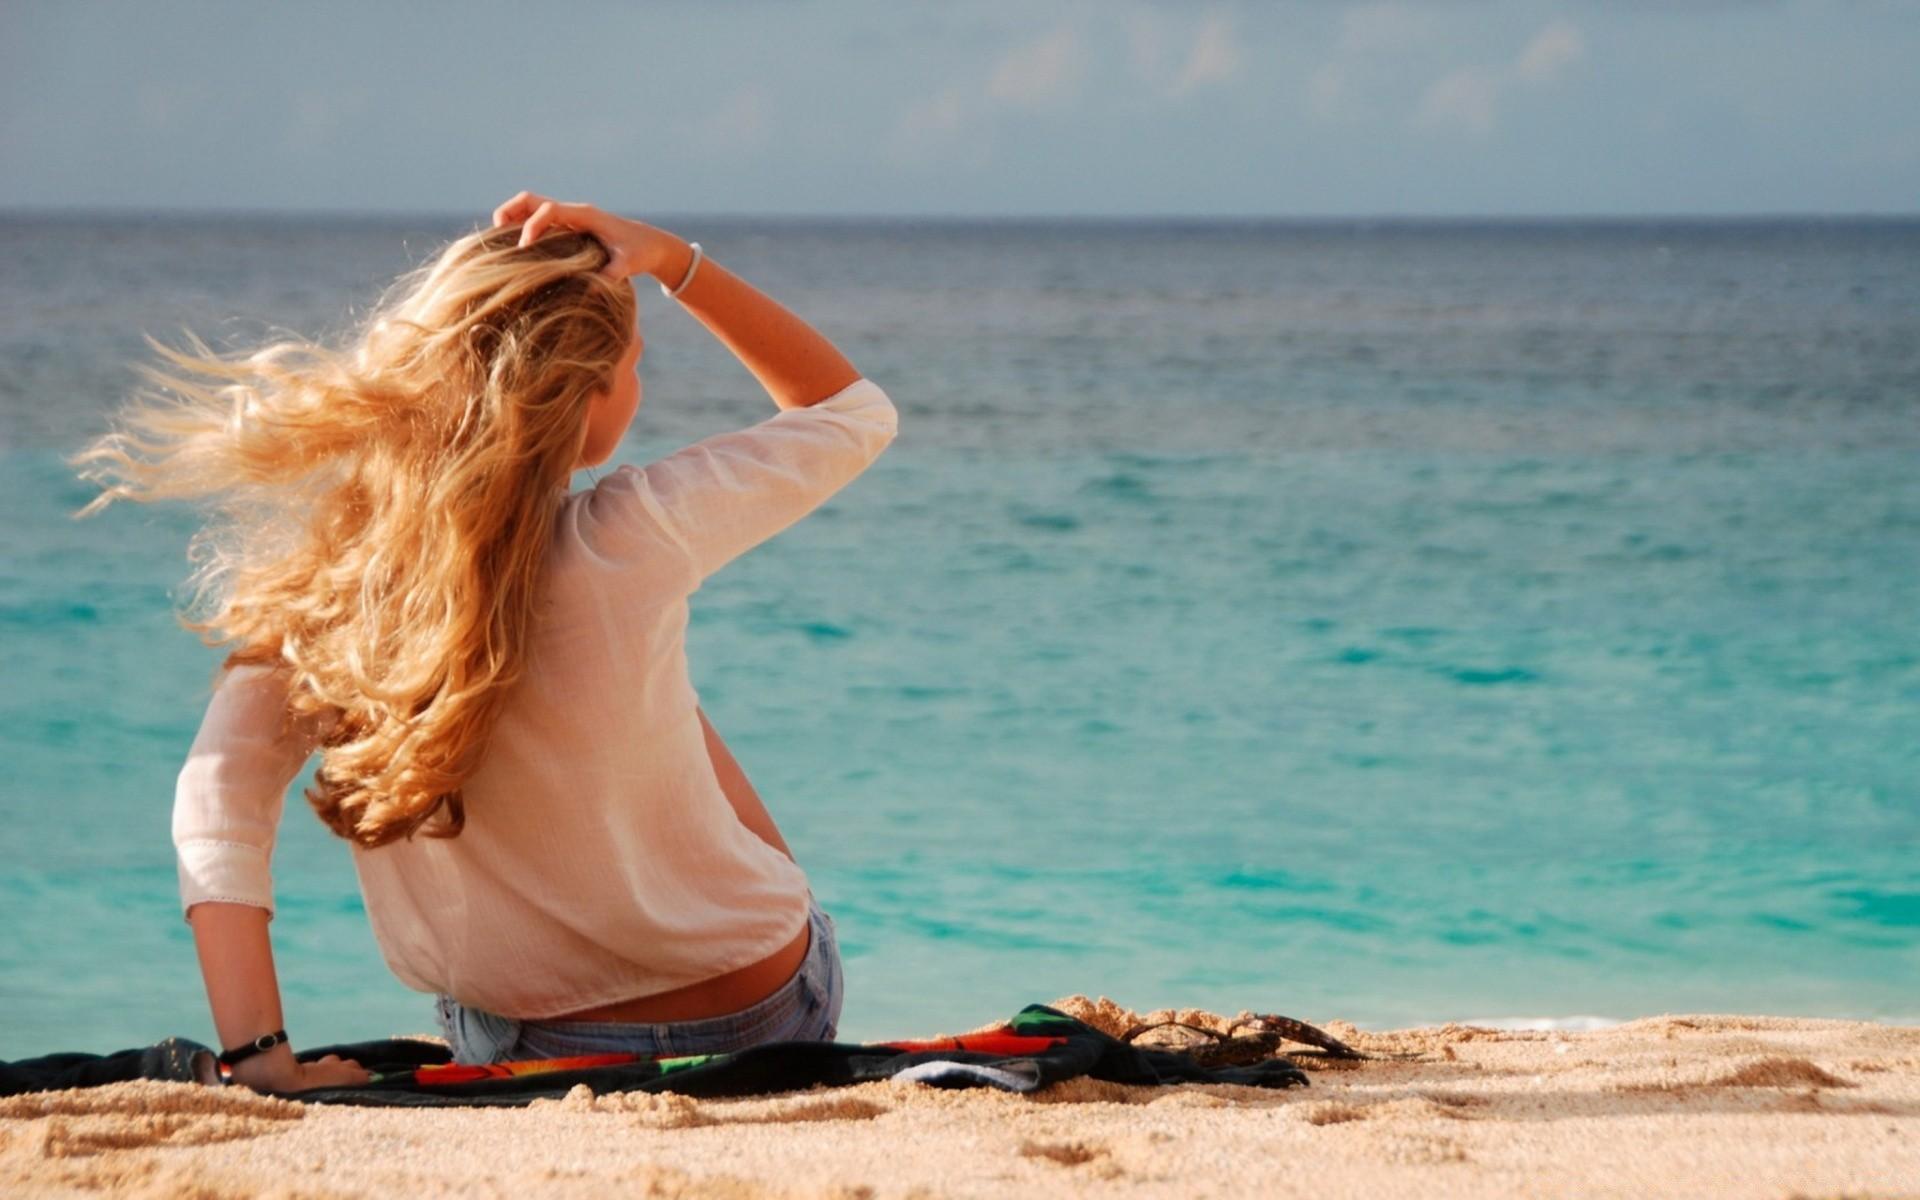 фото реальных блондинок на море кала-майор находится